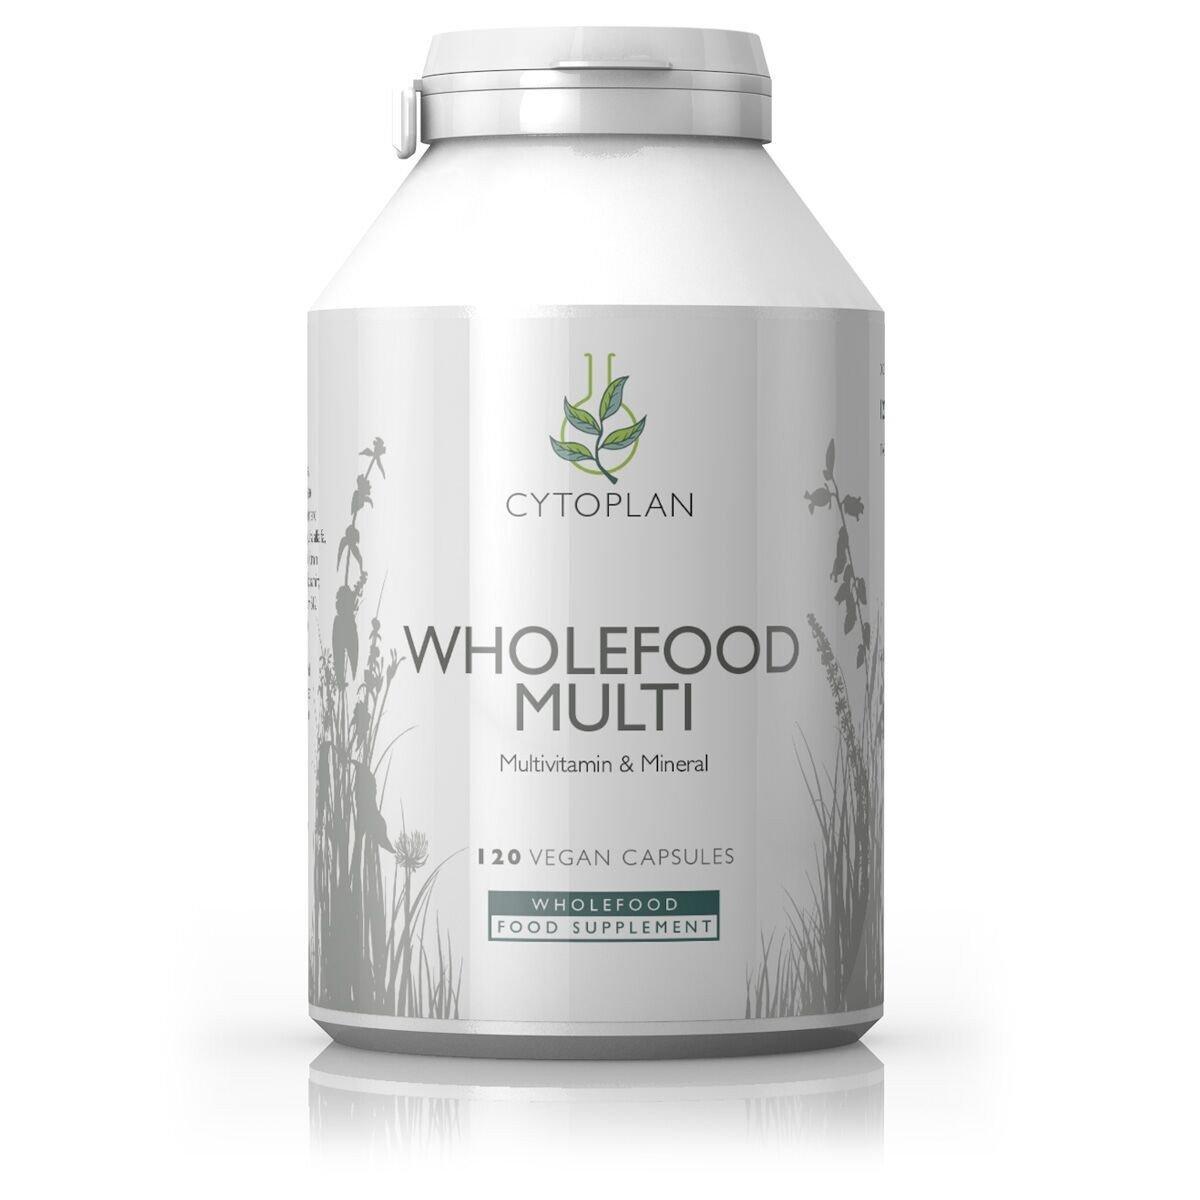 Wholefood Multi 120's